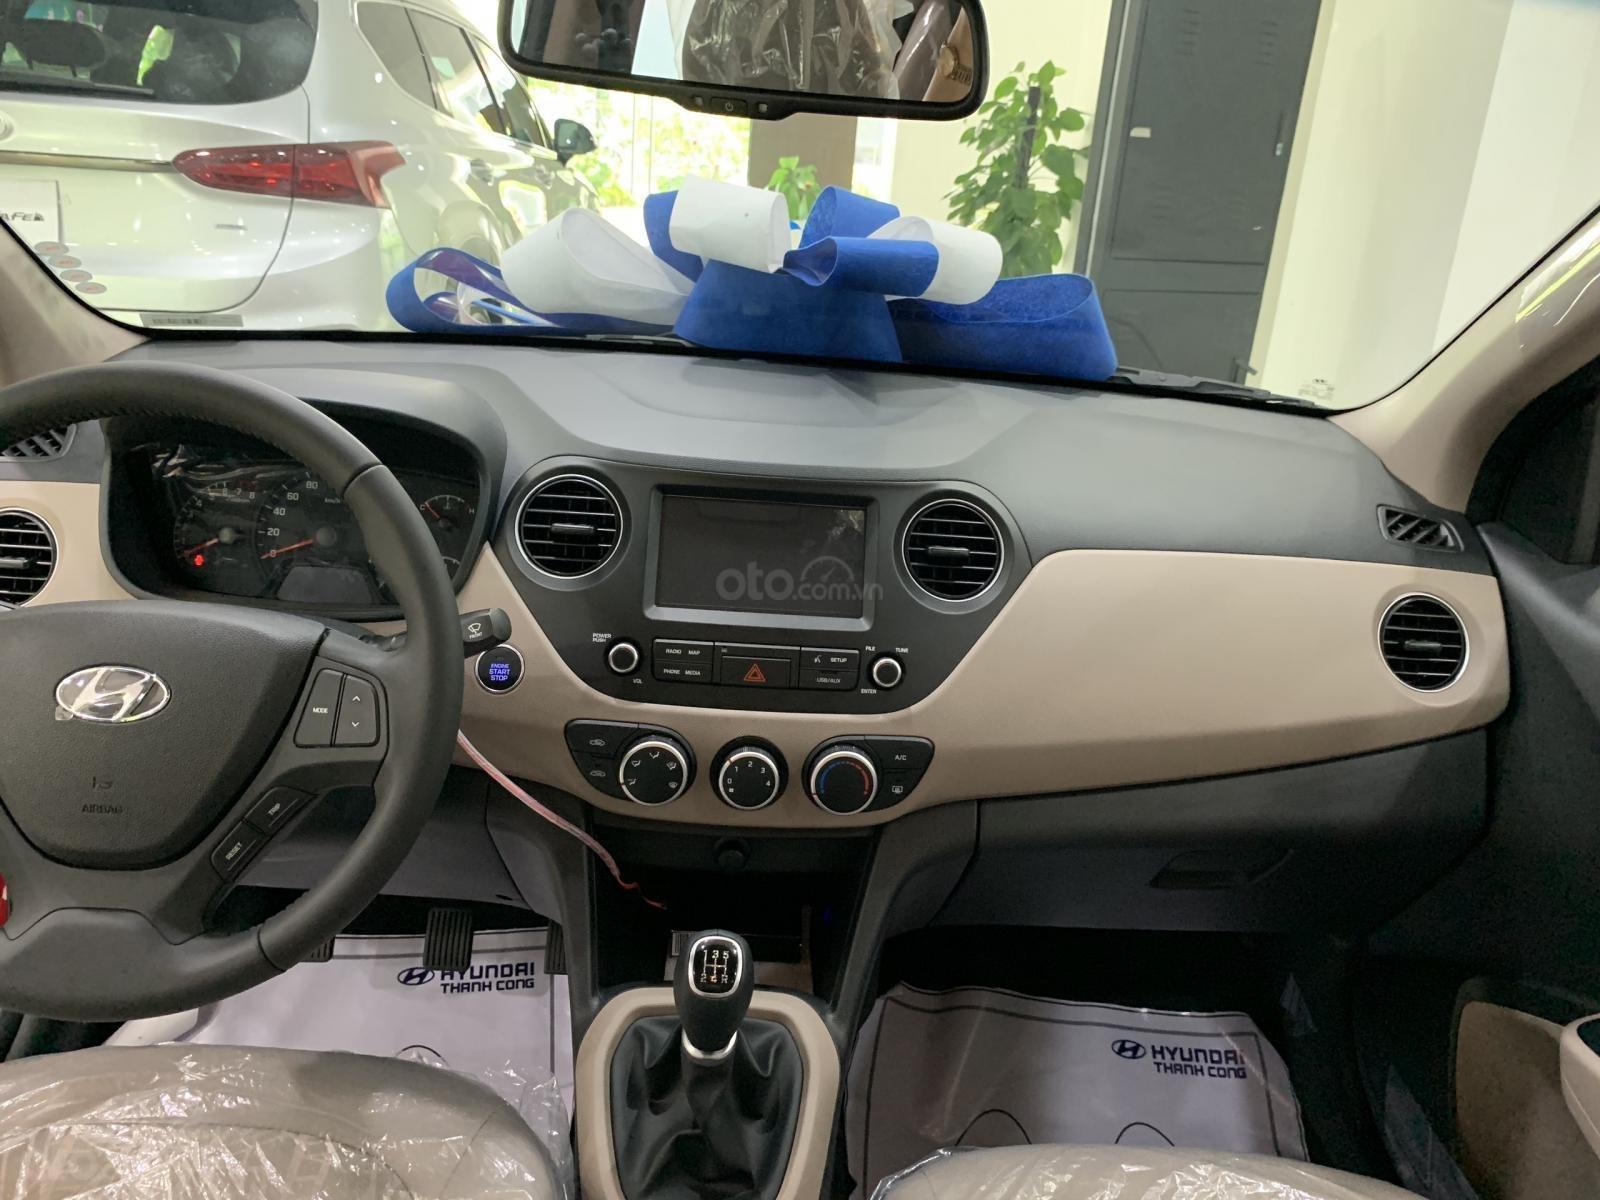 Hyundai Grand i10 sedan MT đỏ nhận xe ngay chỉ với 130tr, hỗ trợ đăng ký Grab, tặng bộ PK cao cấp, hỗ trợ vay trả góp (6)